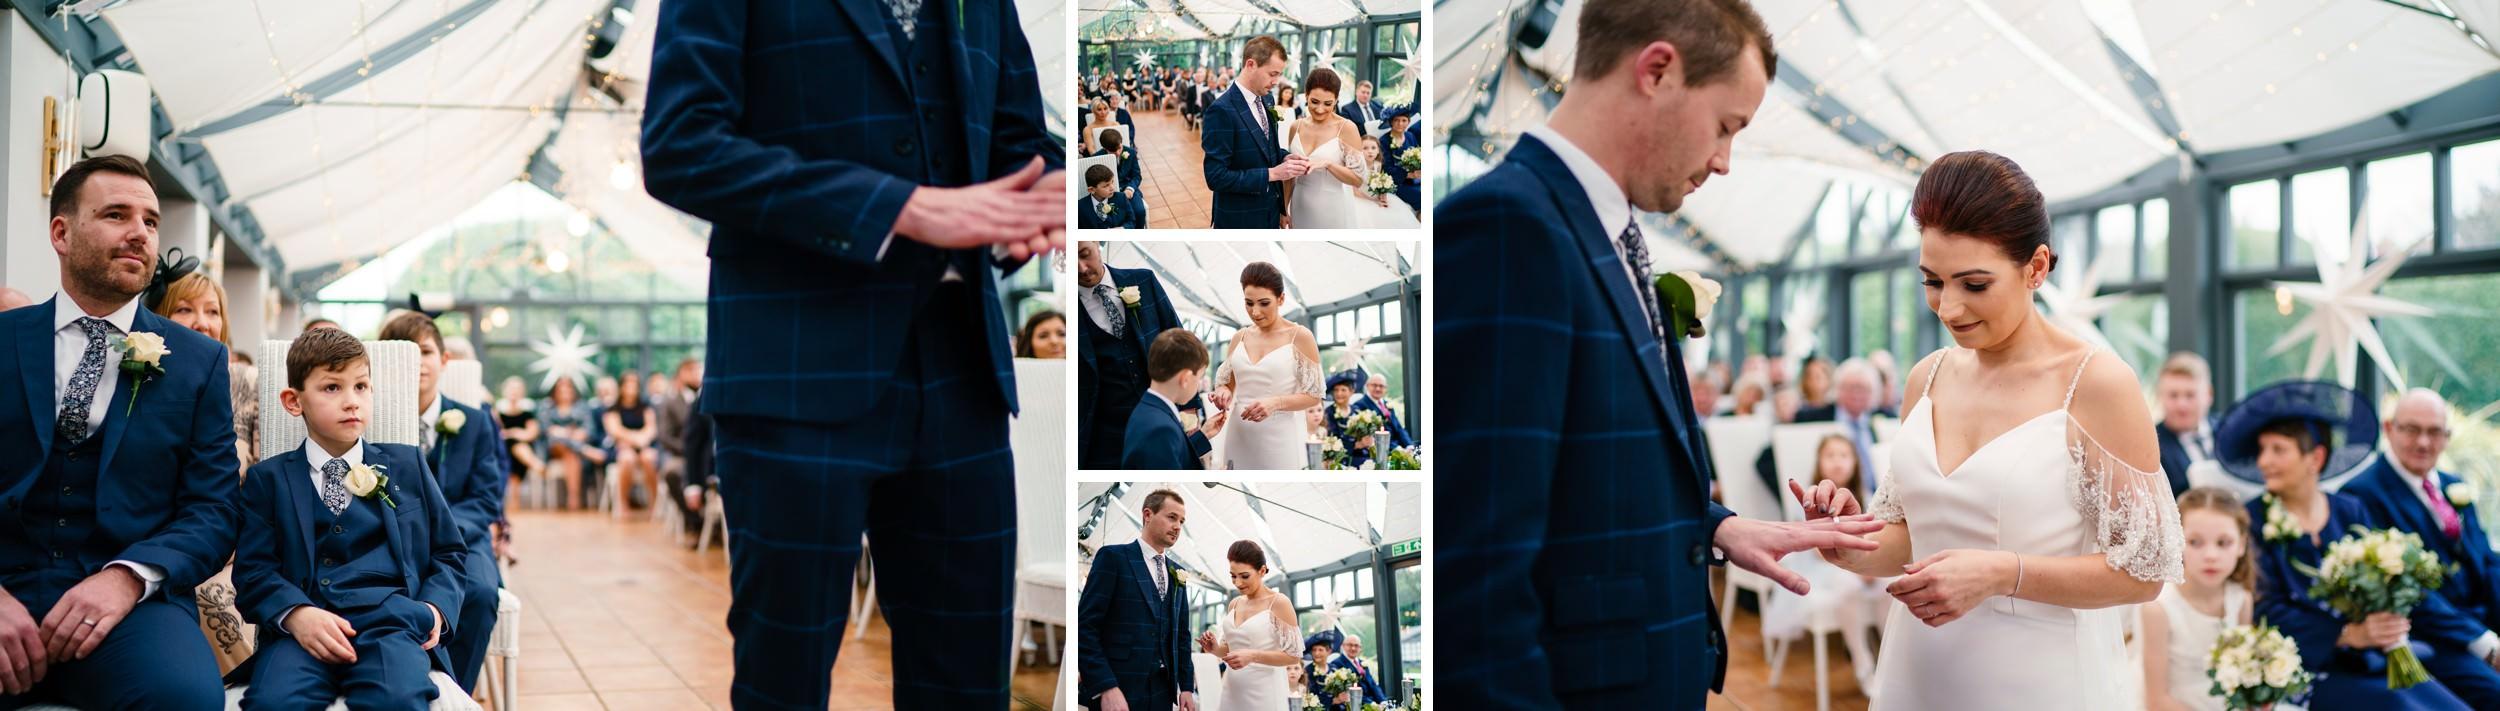 Titchwell-manor-north-norfolk-wedding_Michelle-Oliver_0010.jpg